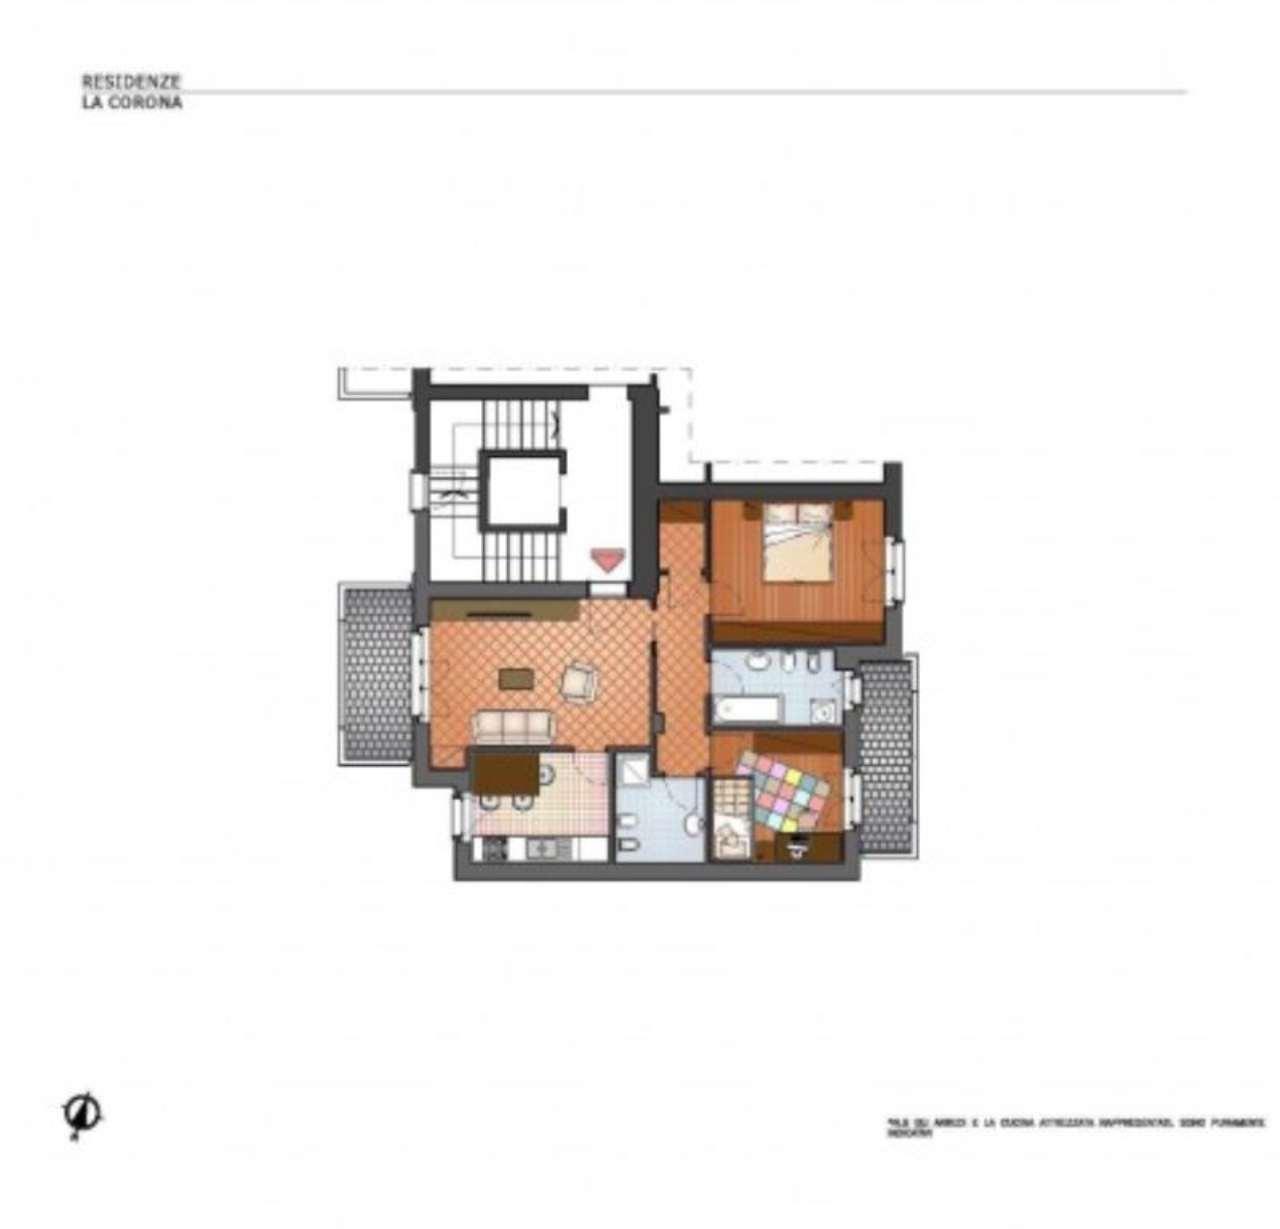 Appartamento in vendita a Opera, 3 locali, prezzo € 250.000 | CambioCasa.it